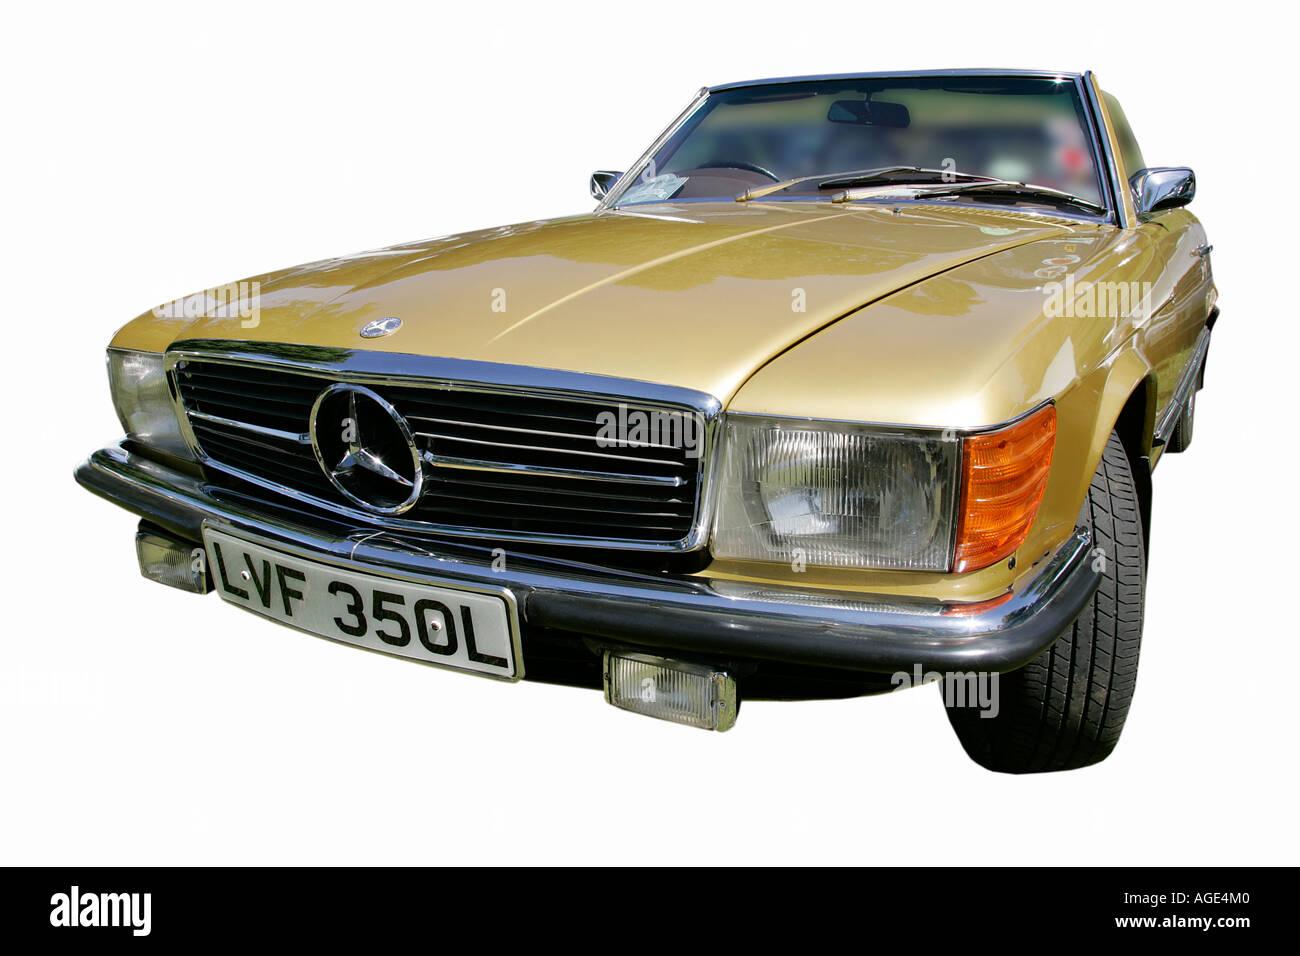 Oldtimer mercedes benz alte geschichte fahrzeug vintage for Mercedes benz stock symbol